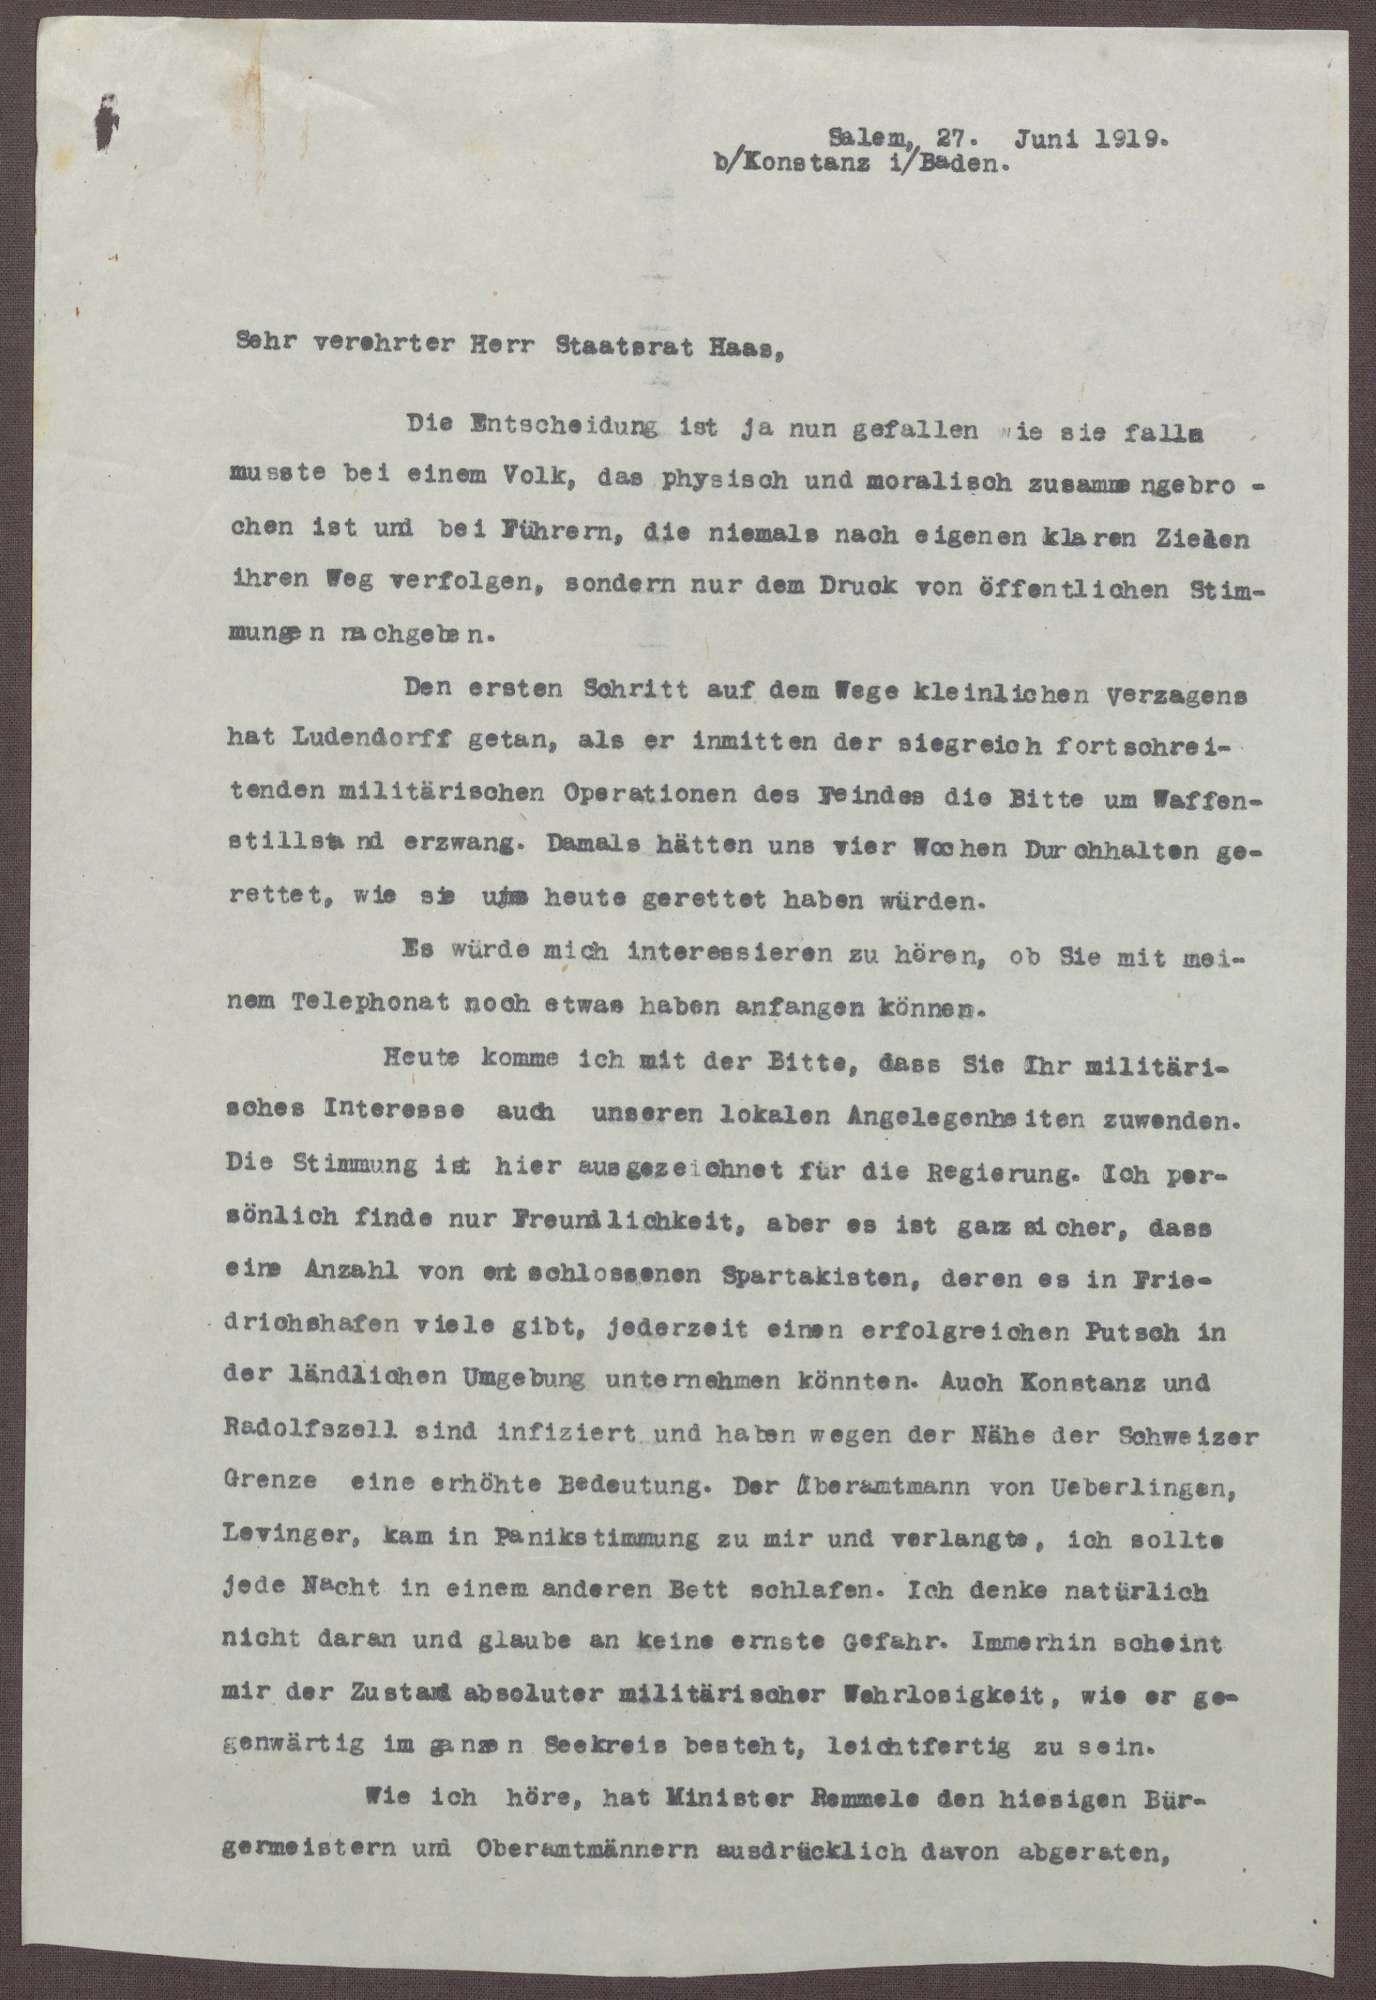 Schreiben von Prinz Max von Baden an Ludwig Haas; Spartakisten am Bodensee, Verbot der Bewaffnung durch Minister Adam Remmele, Bild 1